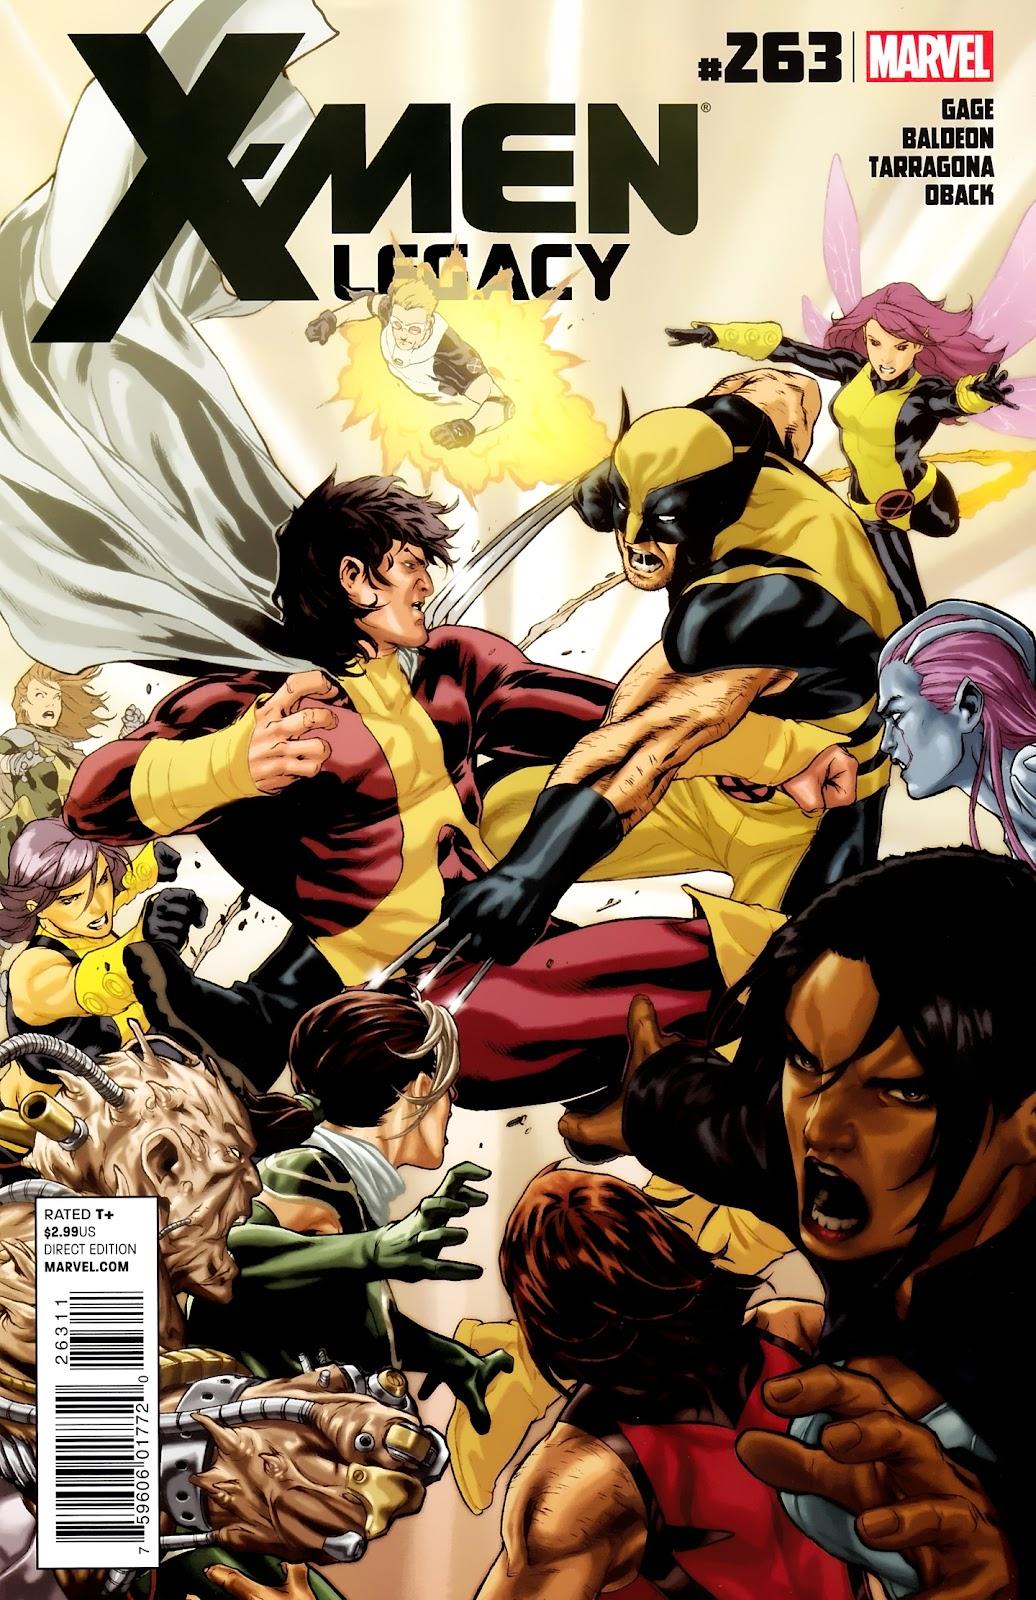 X-Men Legacy (2008) 263 Page 1